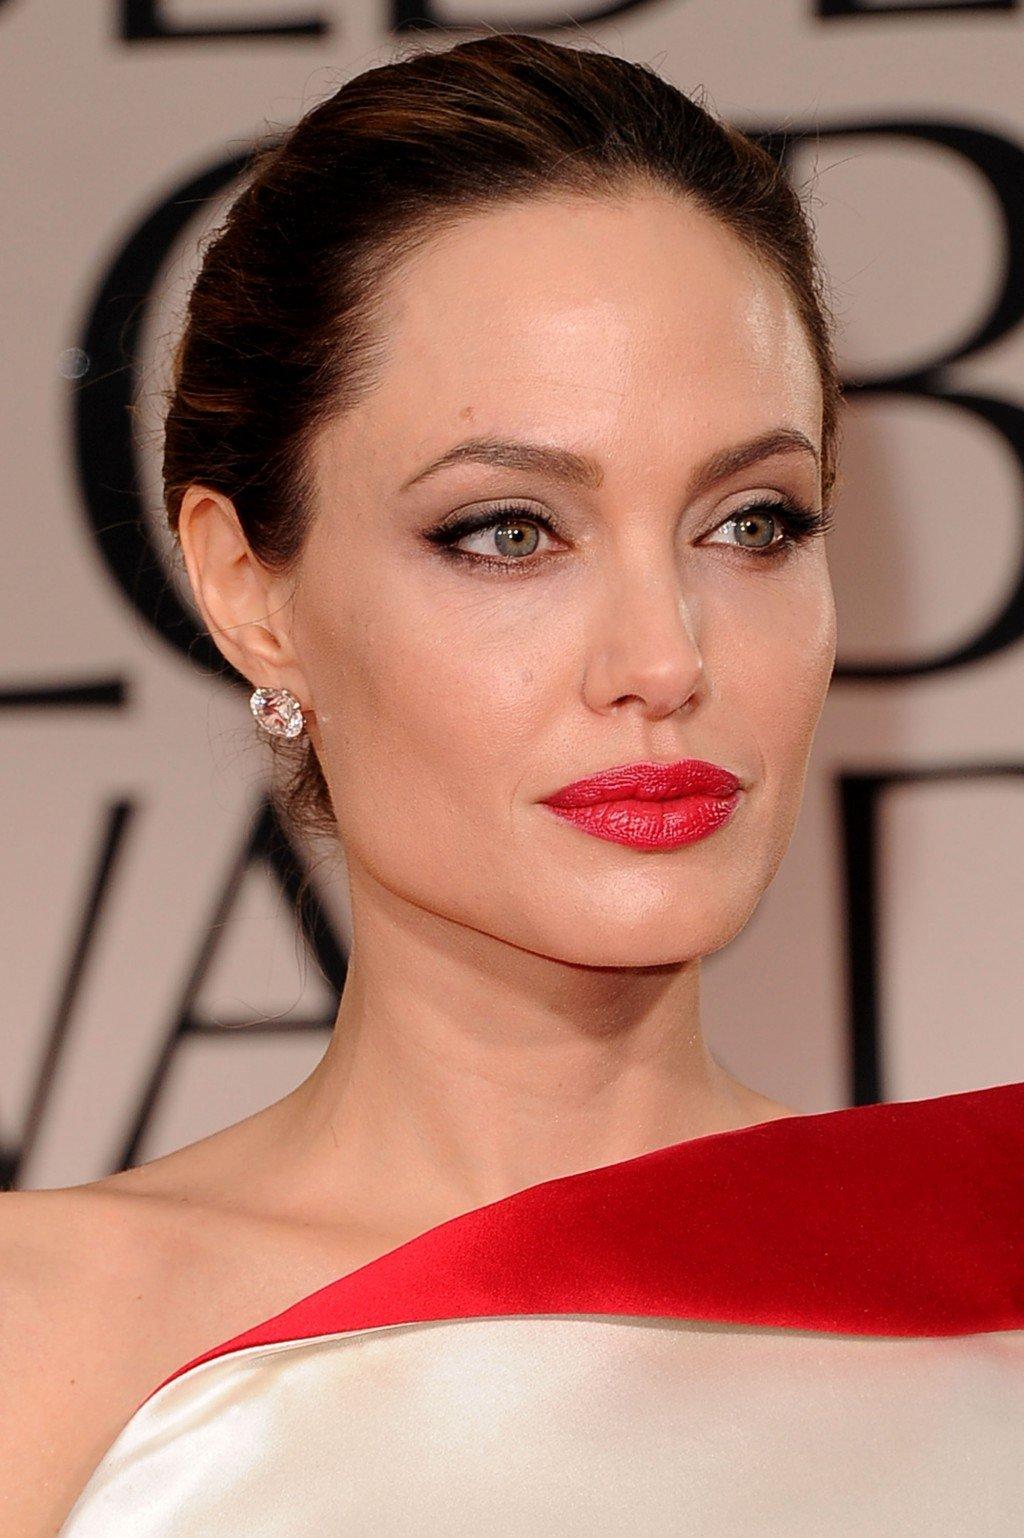 Пошаговое макияжа под красное платье